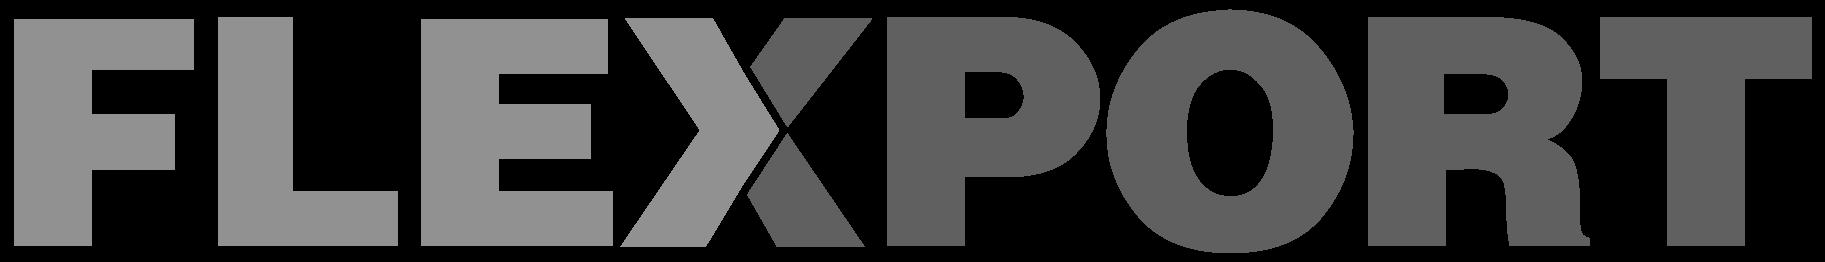 Flexport-logo.png